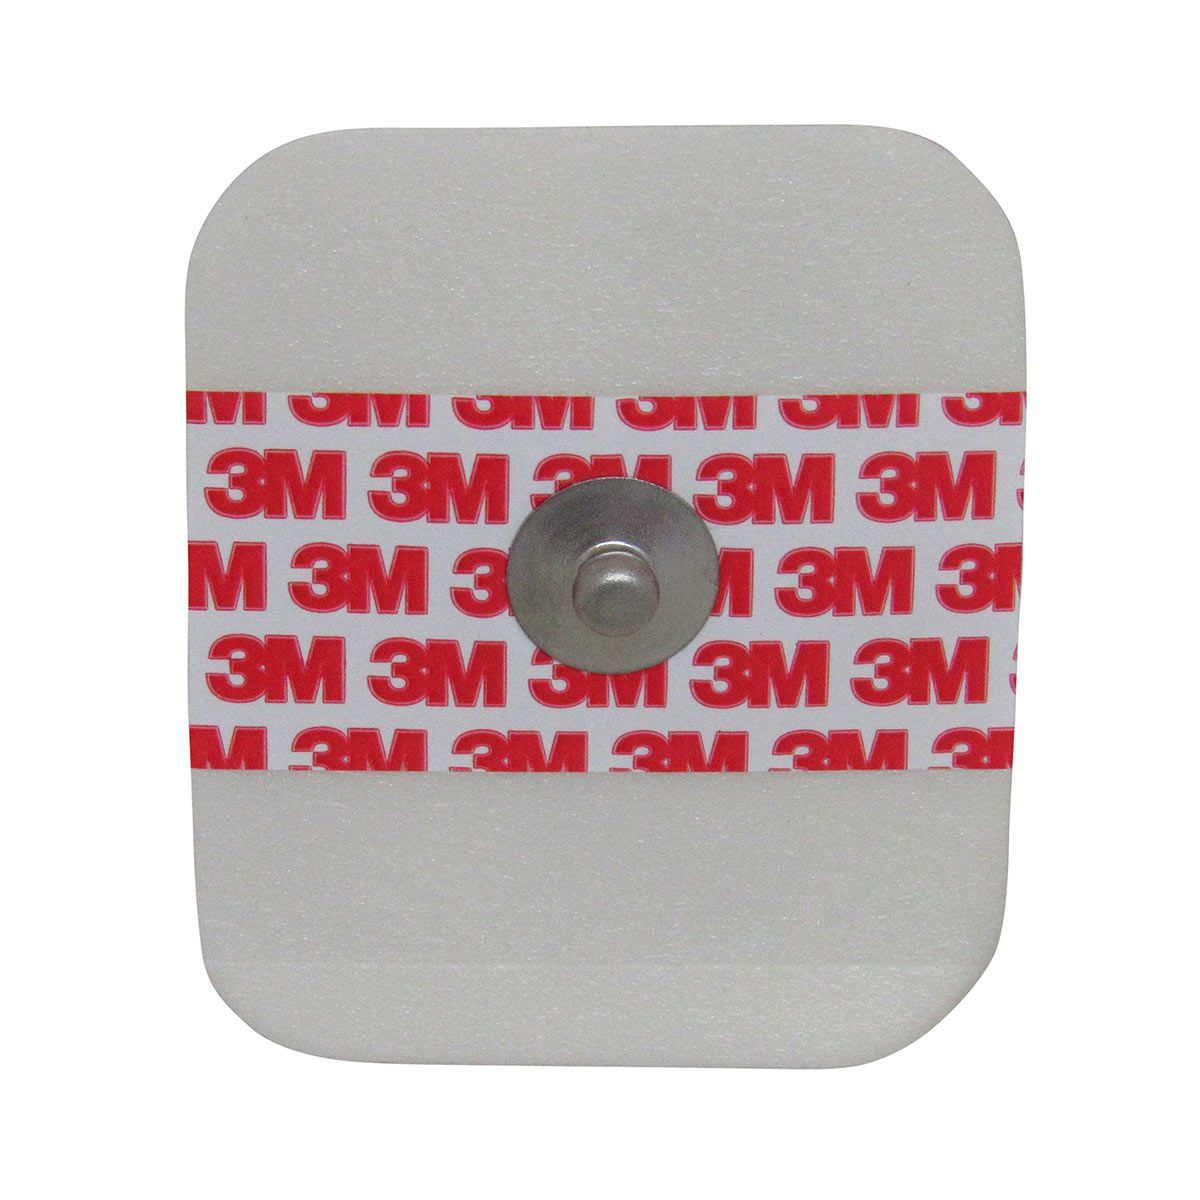 Eletrodo Monitoração Cardíaca Adulto 50un 3M